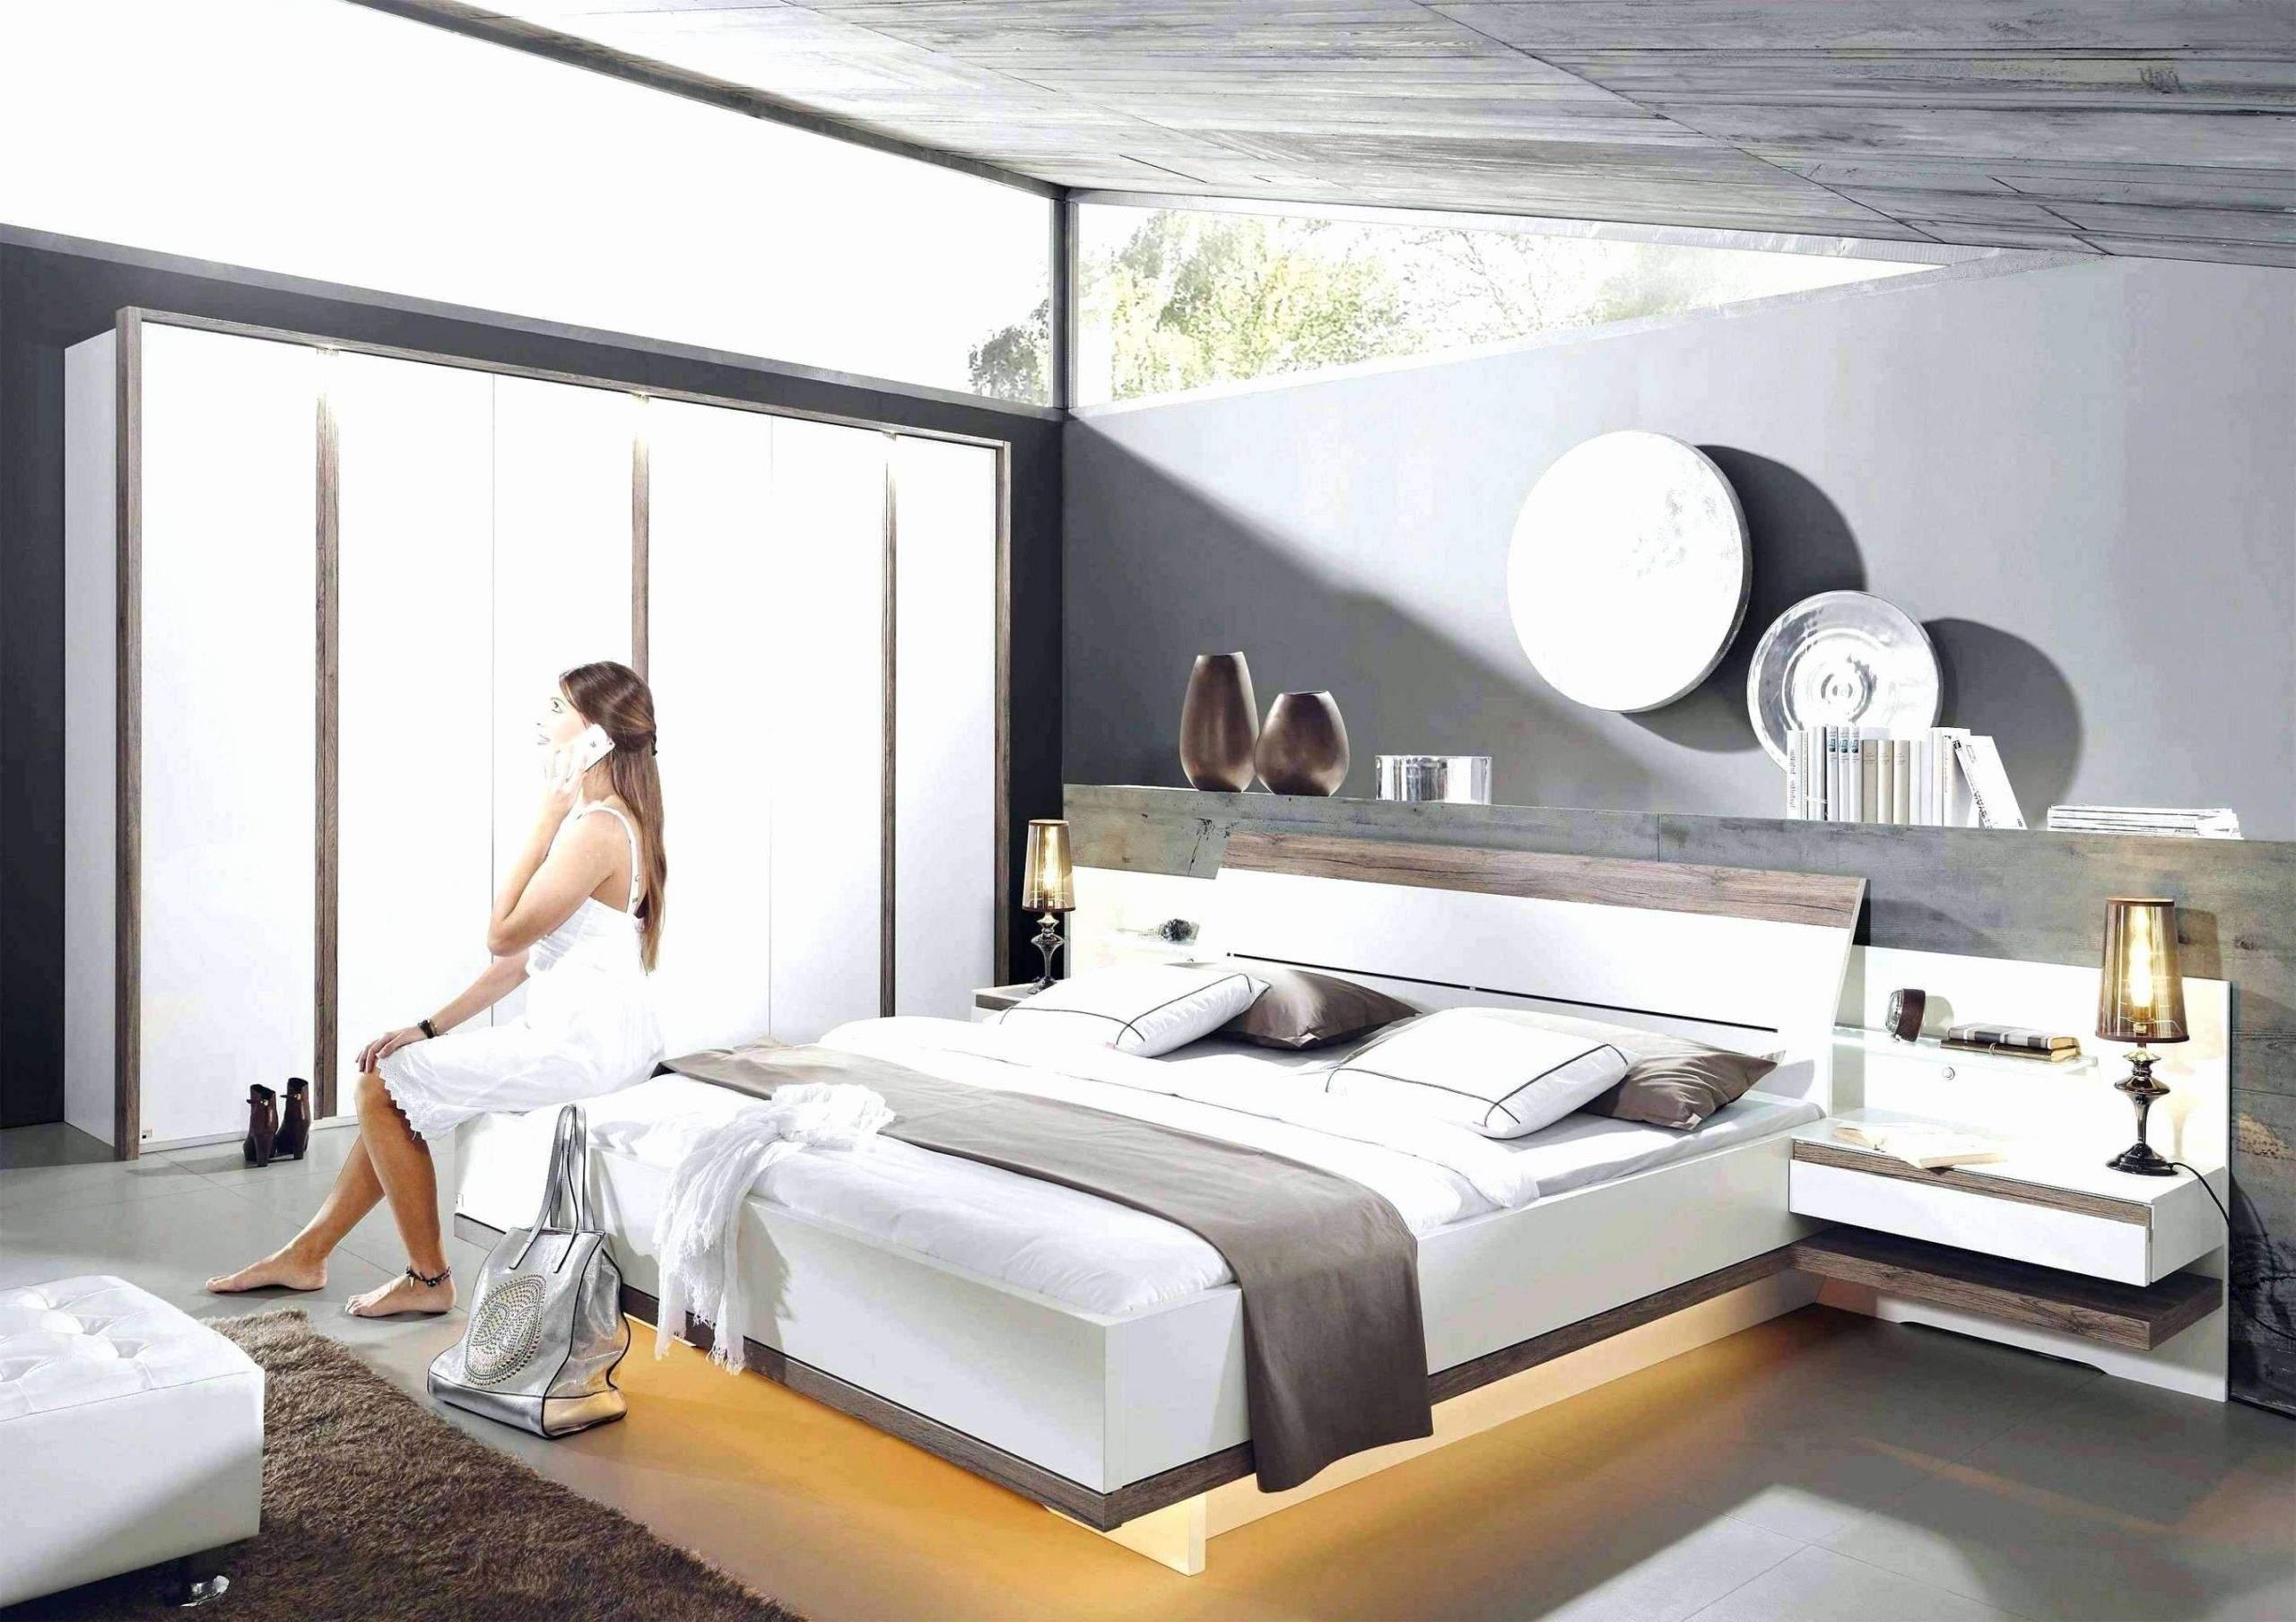 liege wohnzimmer elegant lounge liege wohnzimmer lounge liege wohnzimmer of liege wohnzimmer scaled